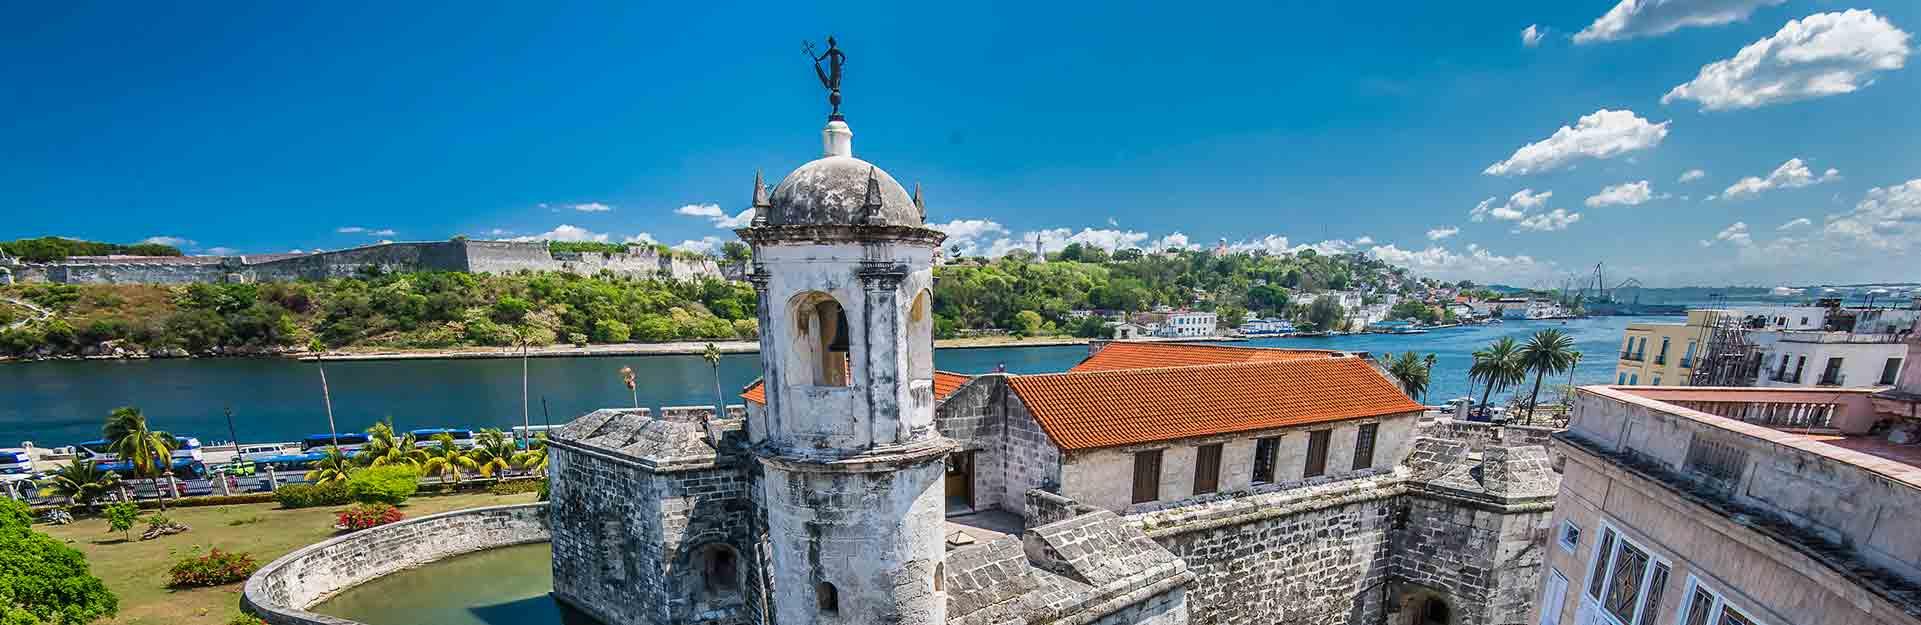 Resultado de imagen para Cuba tourism